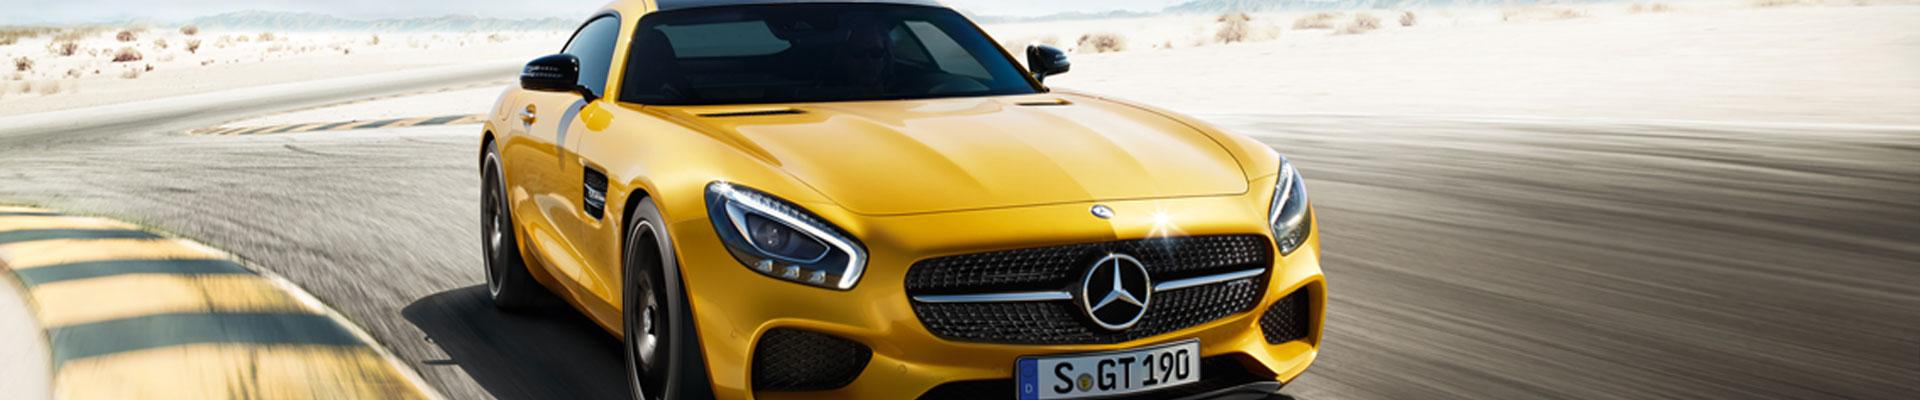 Mercedes-Benz GT AMG in gelb